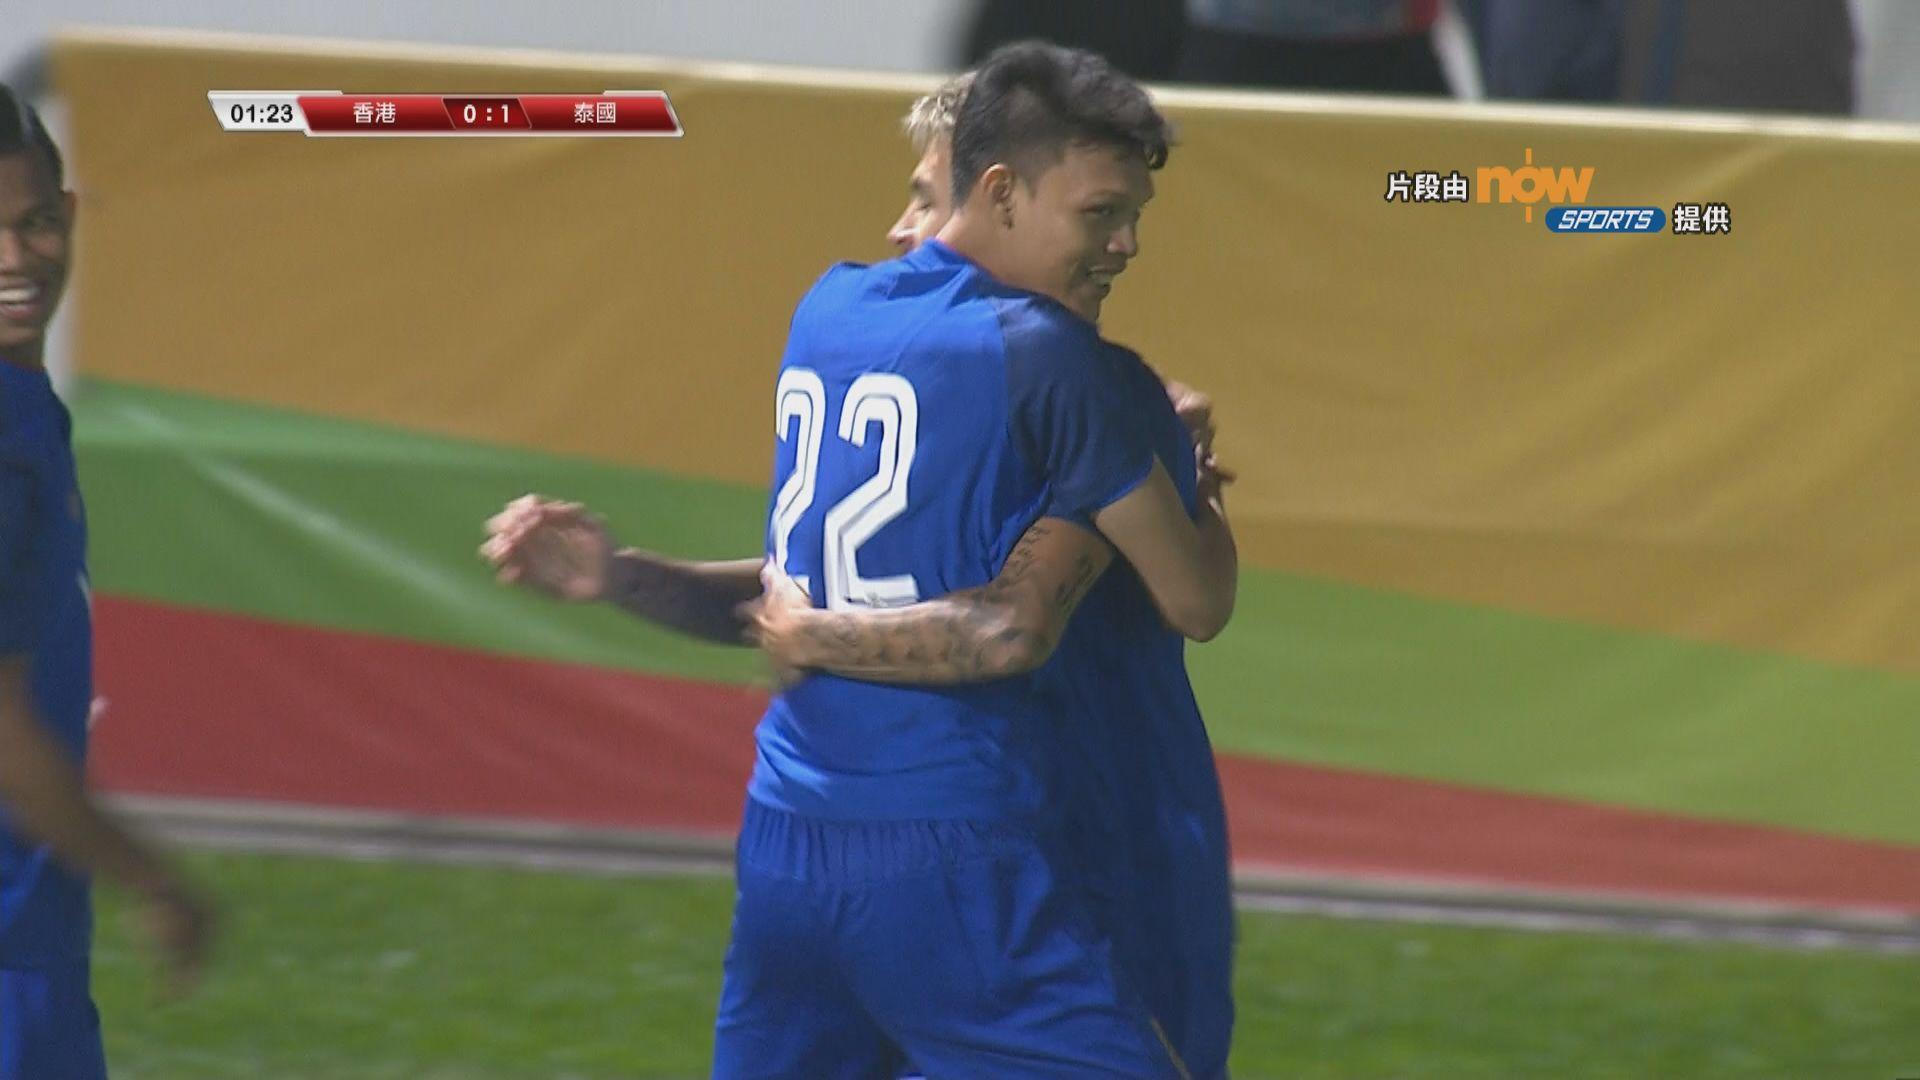 國際足球友誼賽 香港 0:1 泰國